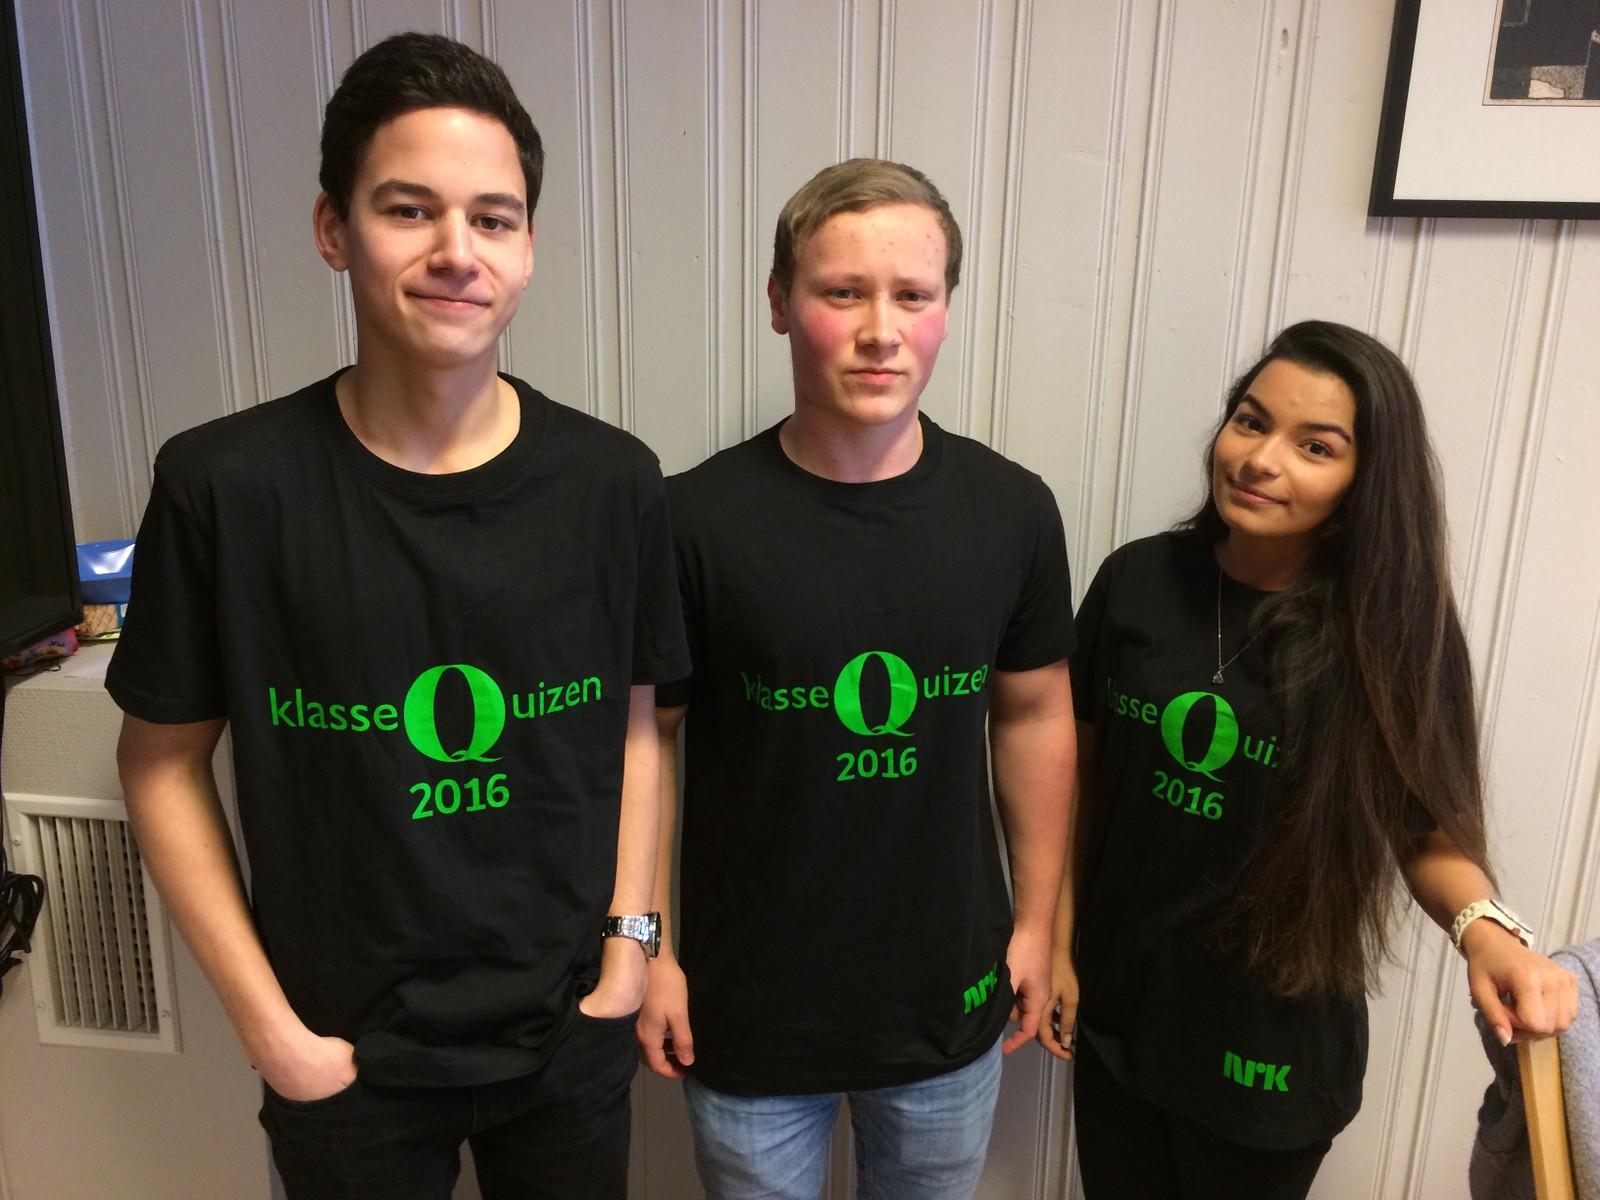 Mikael Tetlie, Simon Volden og Maria Tetlie fra Lensvik skole i Agdenes fikk 9 poeng.